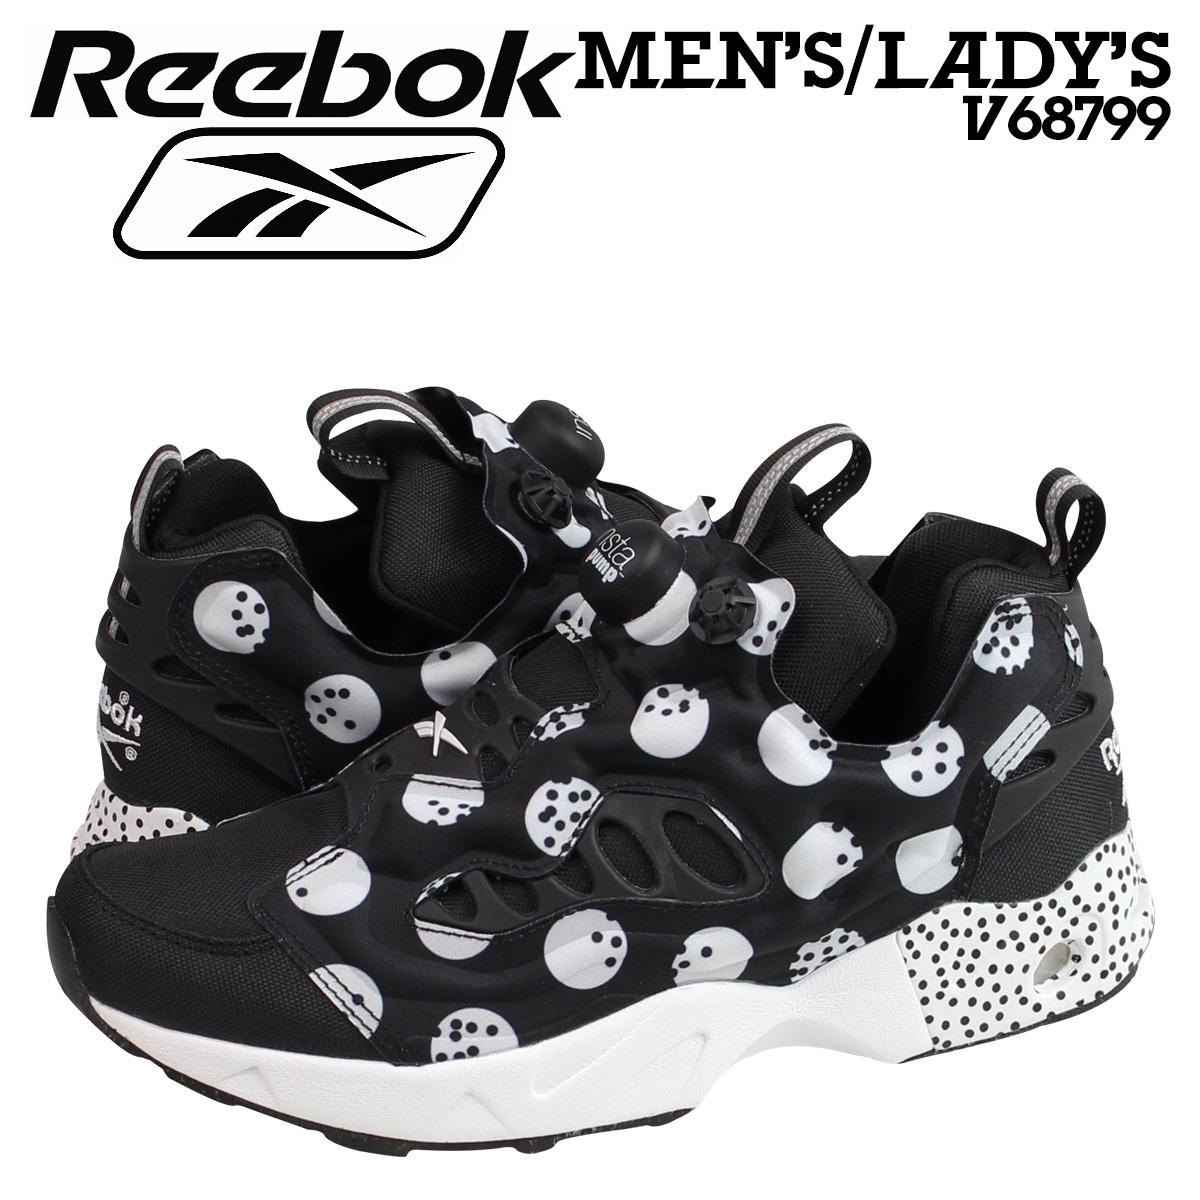 锐步锐步 insta 泵愤怒运动鞋 INSTAPUMP 愤怒道 SG V68799 男式女式鞋黑色